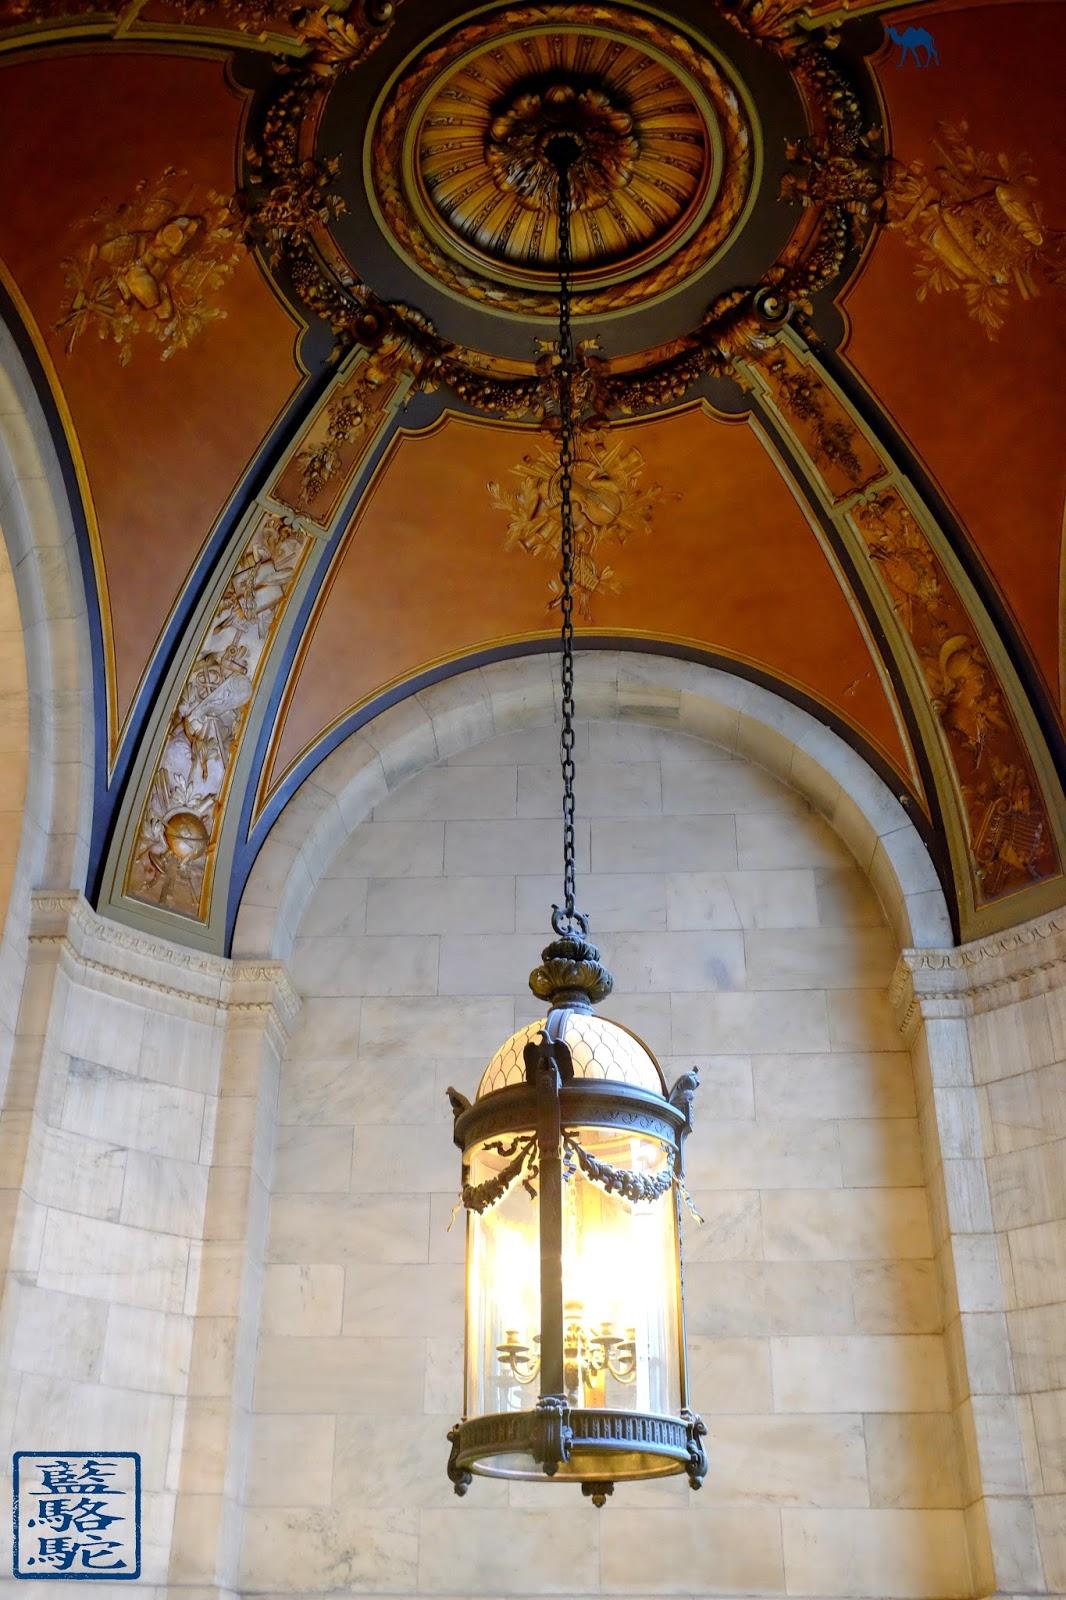 Le Chameau Bleu - NYPL - Lampe